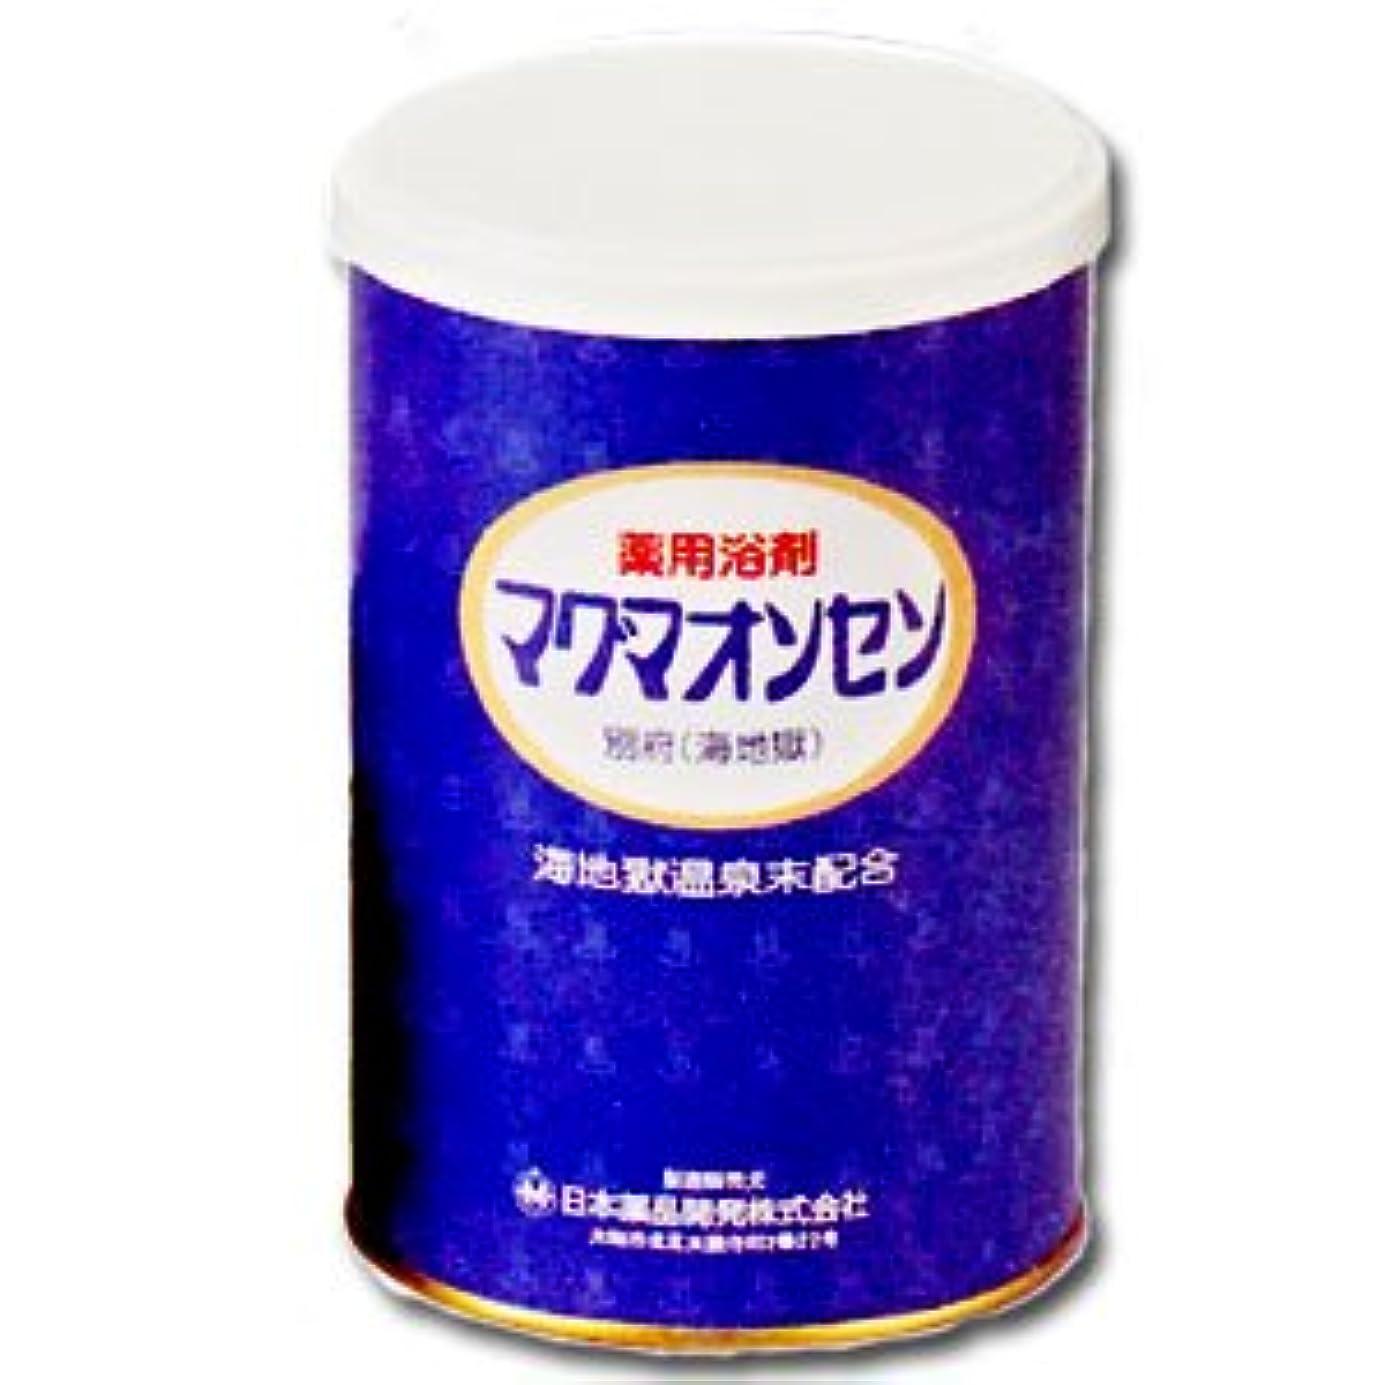 いたずらなリーガン港薬用入浴剤 マグマオンセン(医薬部外品)500g